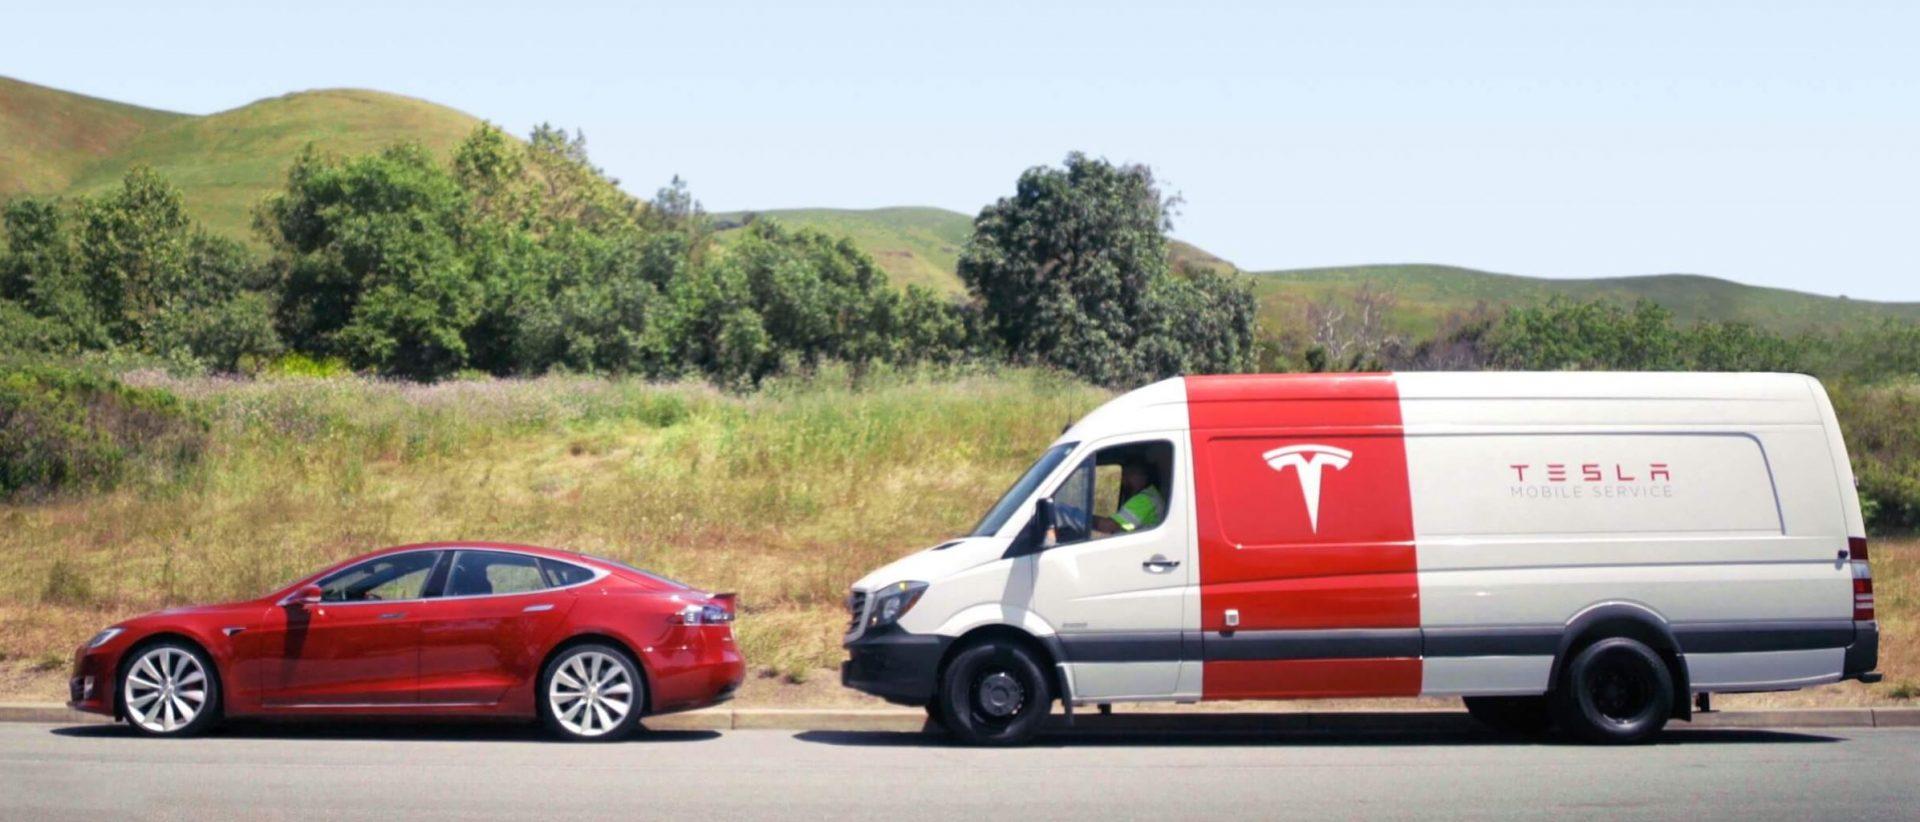 Владельцы Tesla вскоре смогут вызывать мобильную бригаду ремонтников через приложение